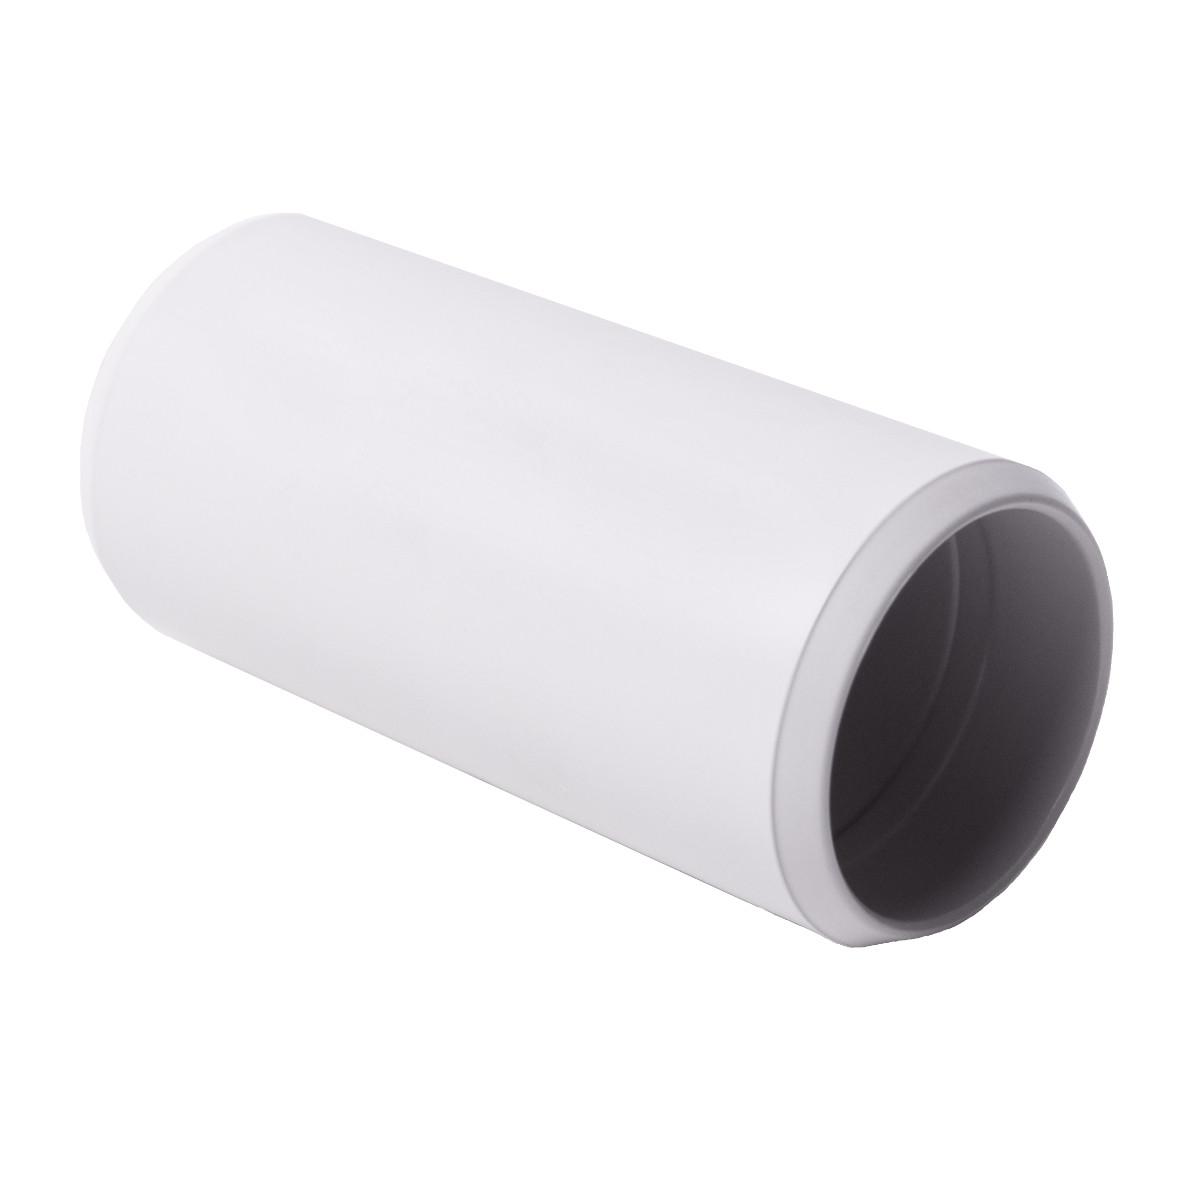 Муфта з'єднувальна для труби 16 мм ; Ø16мм; полікарбонат; безгалогенна; t застосування -45-90 °с; світло-сіра; Упаковка 10 шт